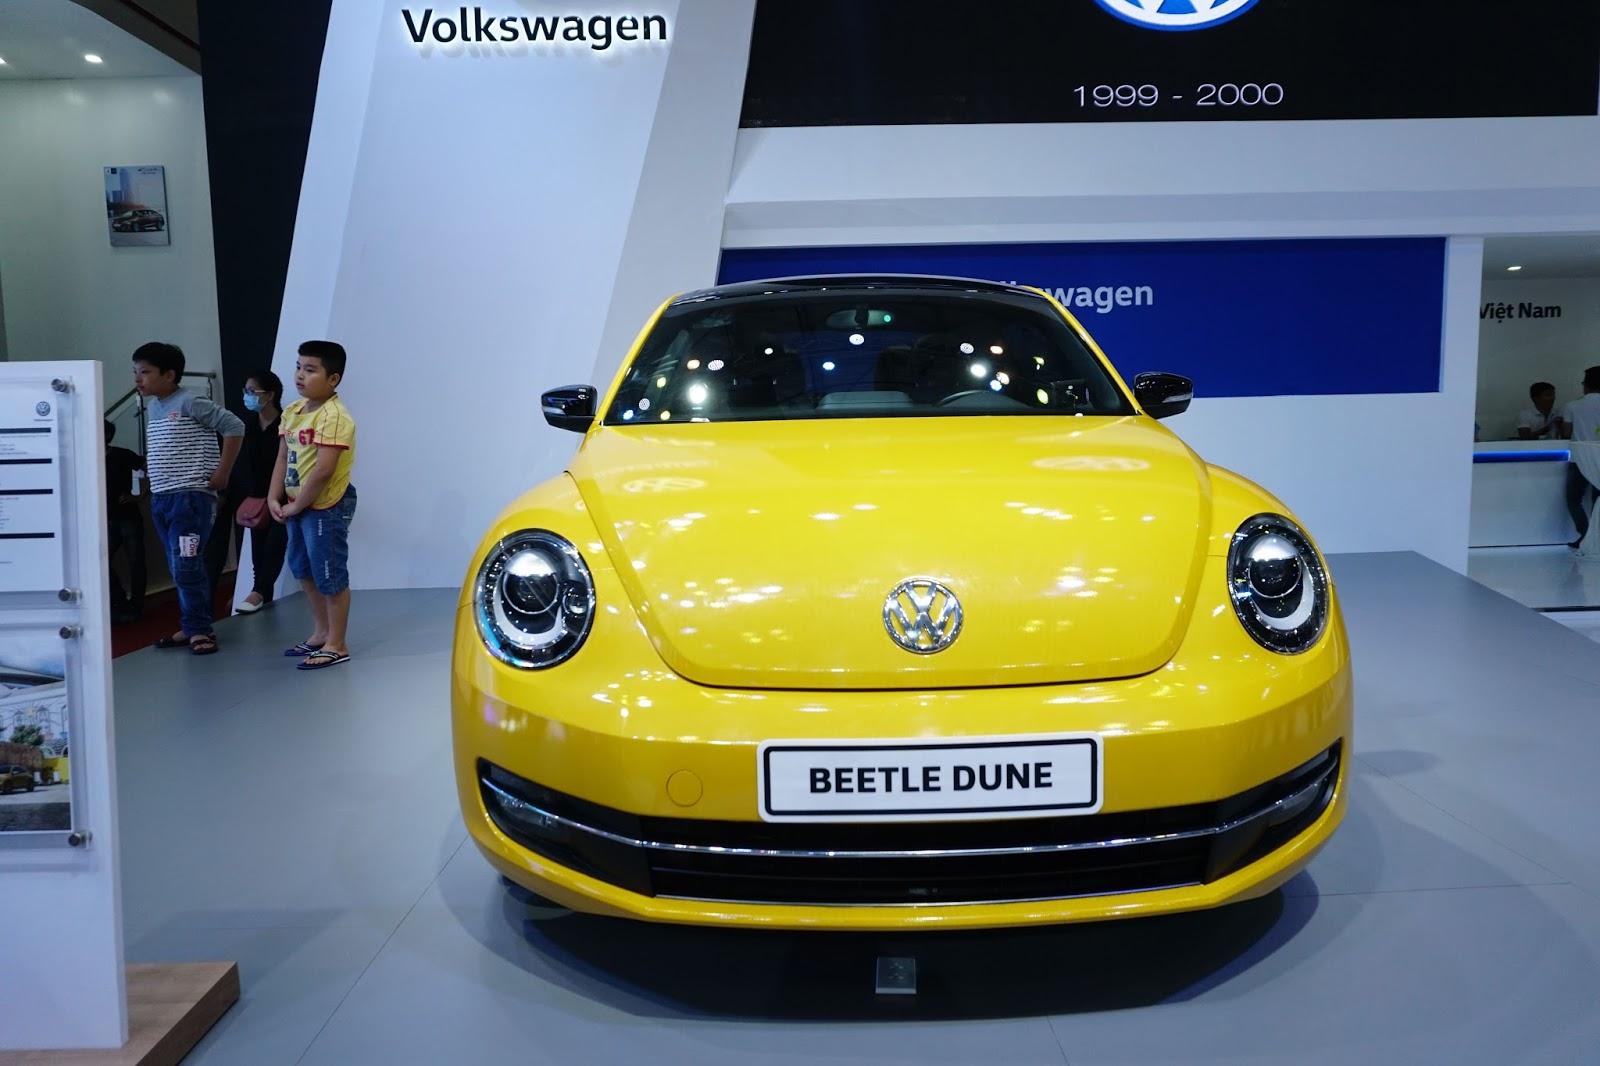 Đầu xe Beetle Dune 2016 trông như đang cười và màu vàng lấy nhiều thiện cảm